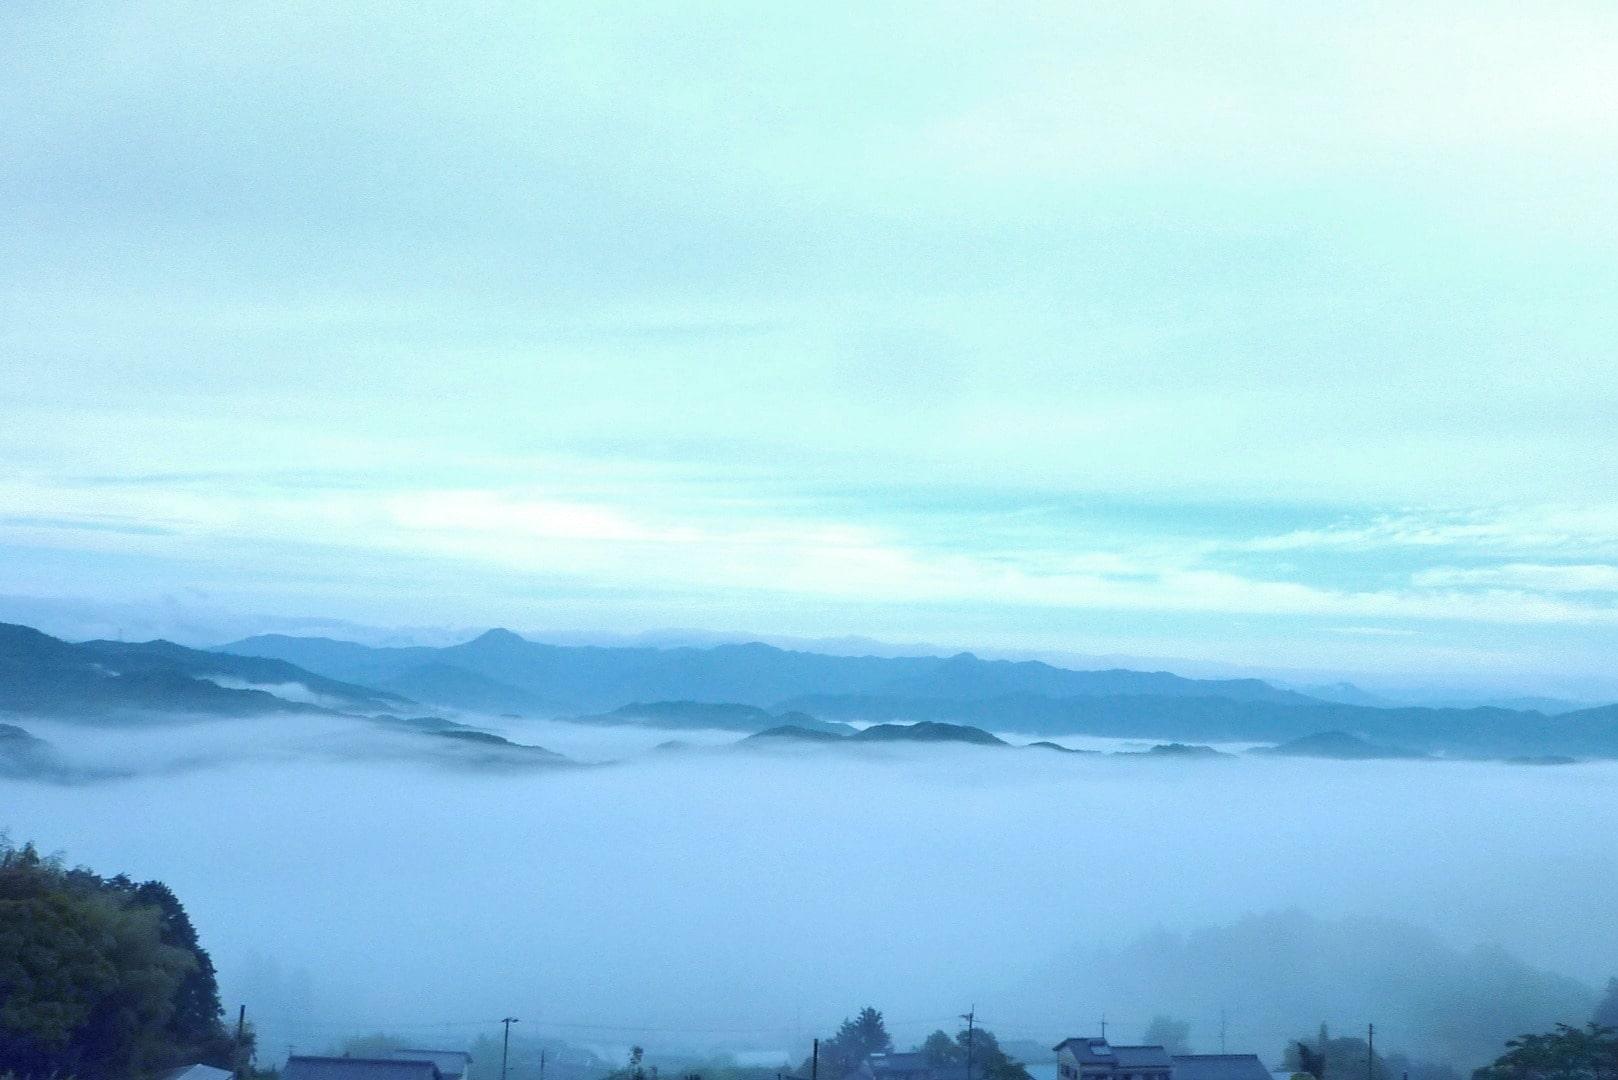 茶園のあるウスギ山から見下ろす雲海の画像